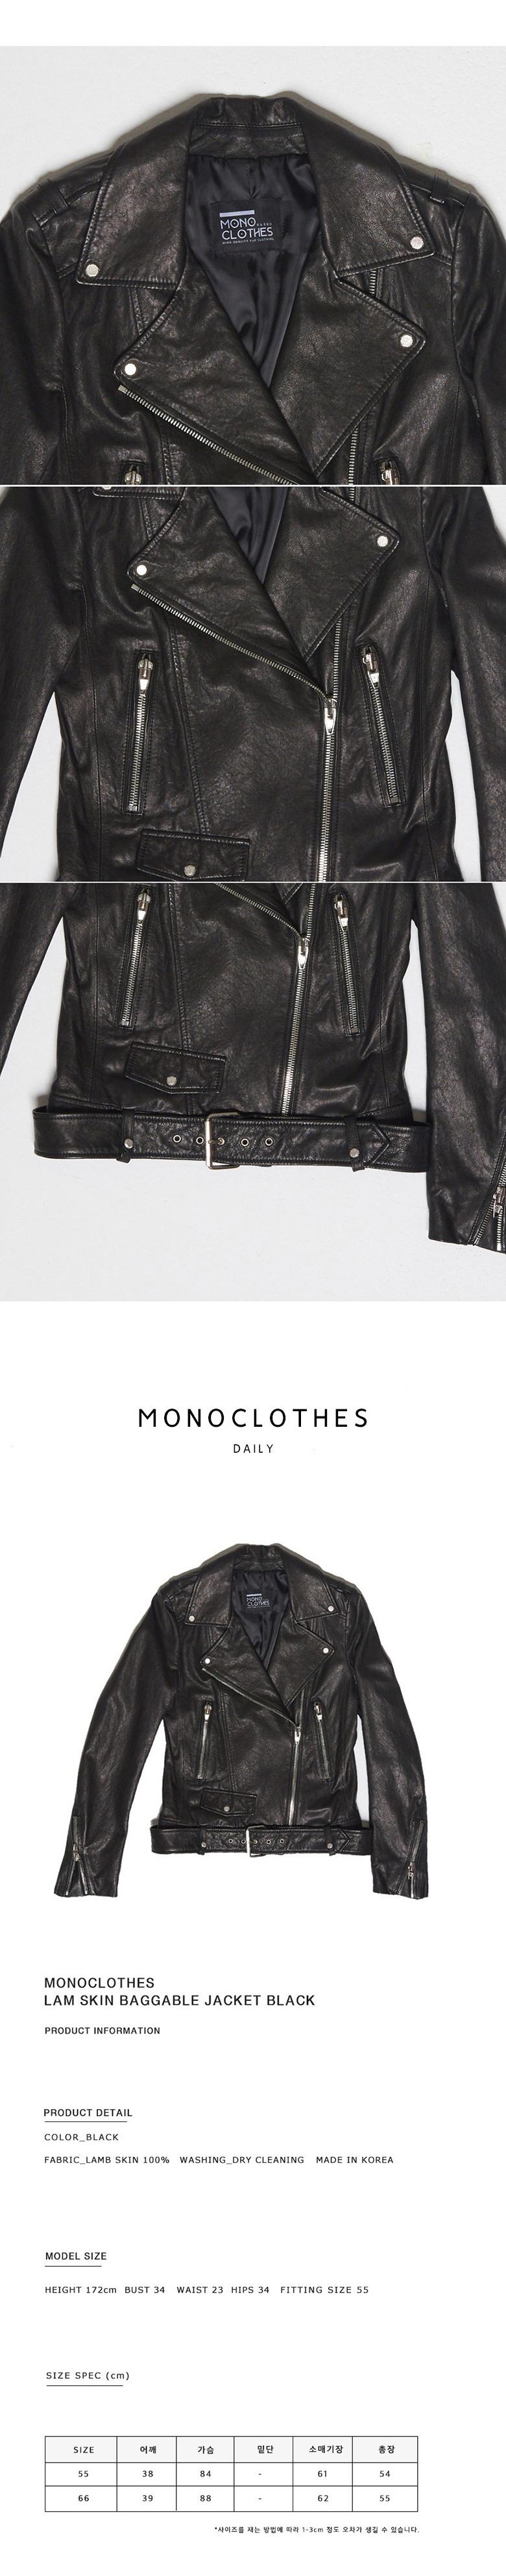 모노클로즈(MONOCLOTHES) 여성 램스킨 양가죽 배지터블 라이더 자켓_BLACK